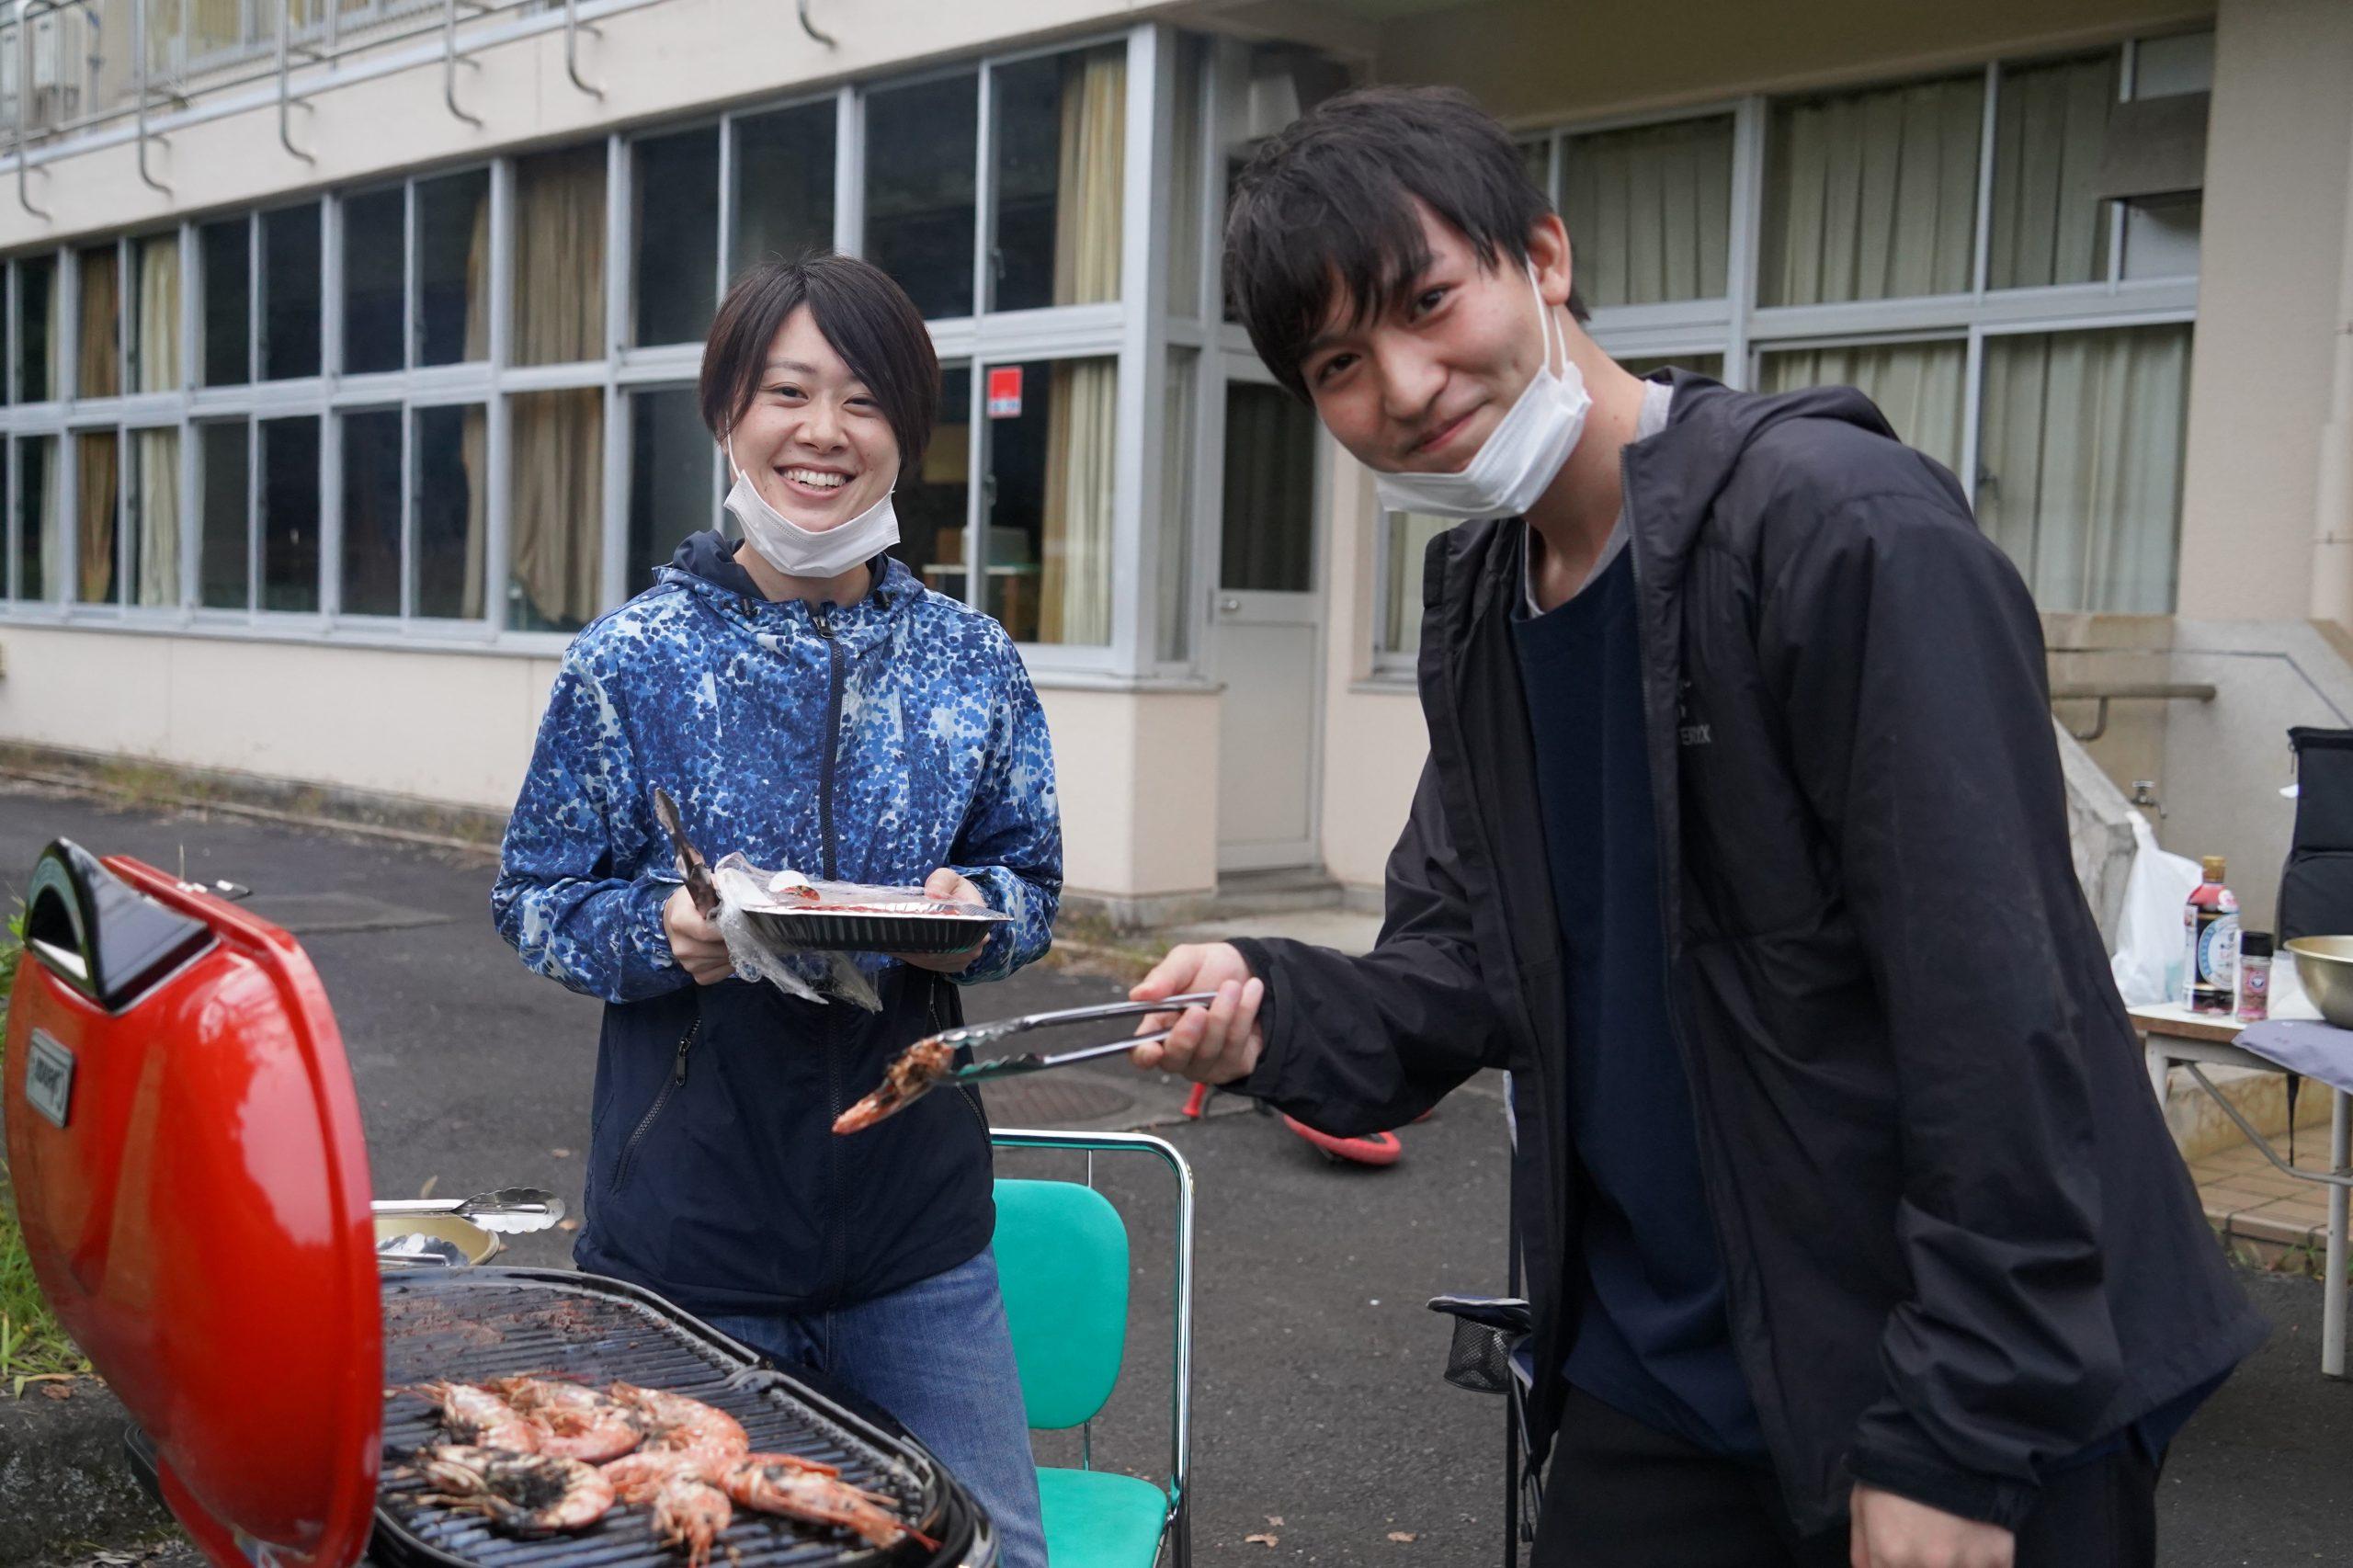 (日本語) JELLYFISHの社員交流会に潜入したら、熱すぎる話に圧倒されました!